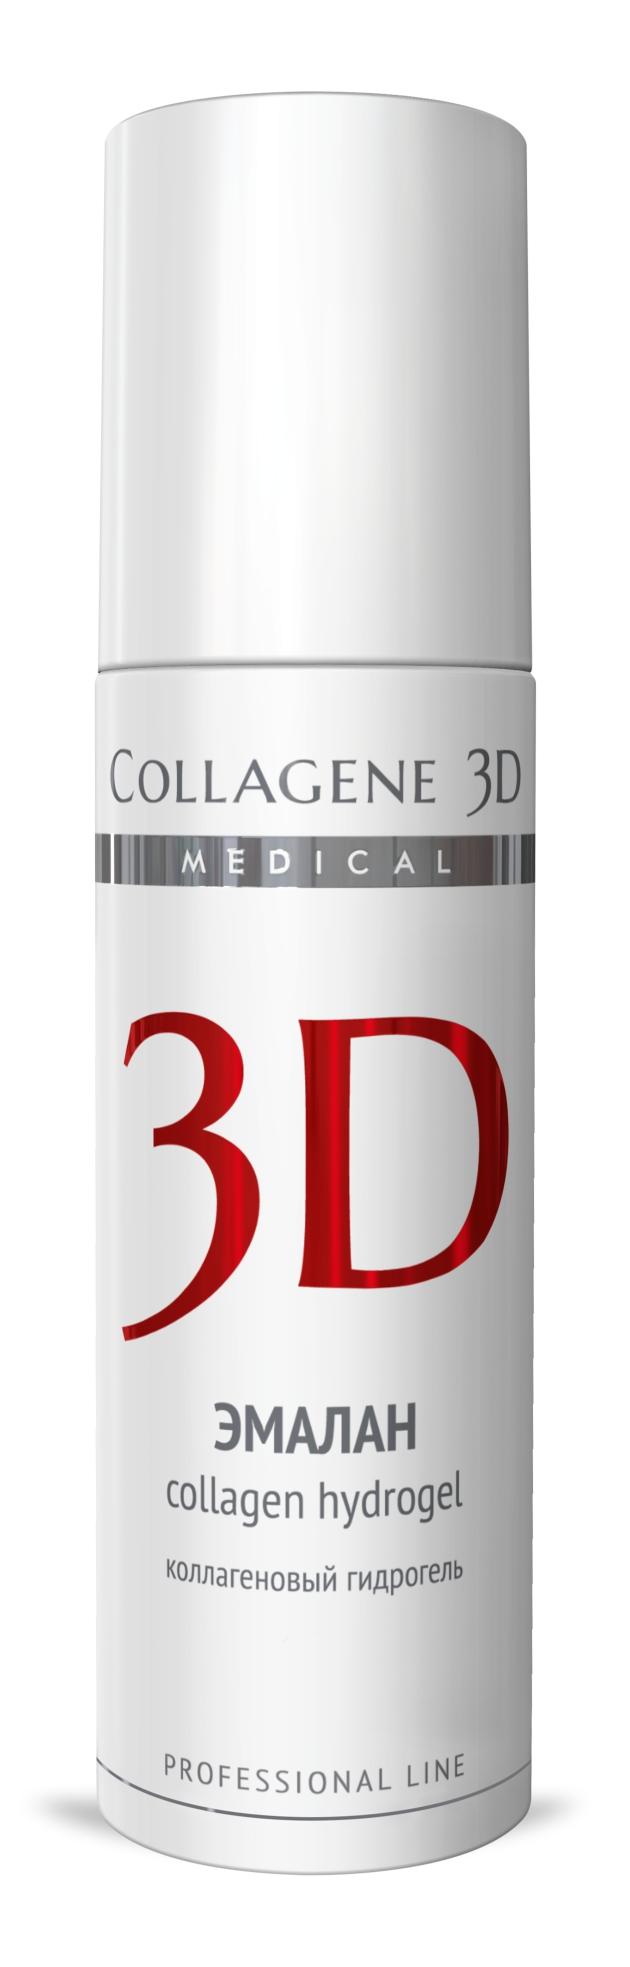 MEDICAL COLLAGENE 3D Гидрогель коллагеновый с аллантоином, димексидом Эмалан 130мл проф.Гели<br>Коллагеновый гидрогель, созданный для лечения любых патологий кожи и слизистых. Применяют - в период реабилитации после агрессивных и инвазивных косметических процедур, для лечения кожных заболеваний: угревой болезни, псориаза, демодекоза, а также для устранения последствий ожогов, ран, ссадин. Активные ингредиенты: нативный трехспиральный коллаген, эмоксипин, аллантоин, димексид. Способ применения: гель наносят локально на проблемные участки кожи тонким слоем, дают немного подсохнуть, процедуру желательно проводить несколько раз в день.<br><br>Объем: 130